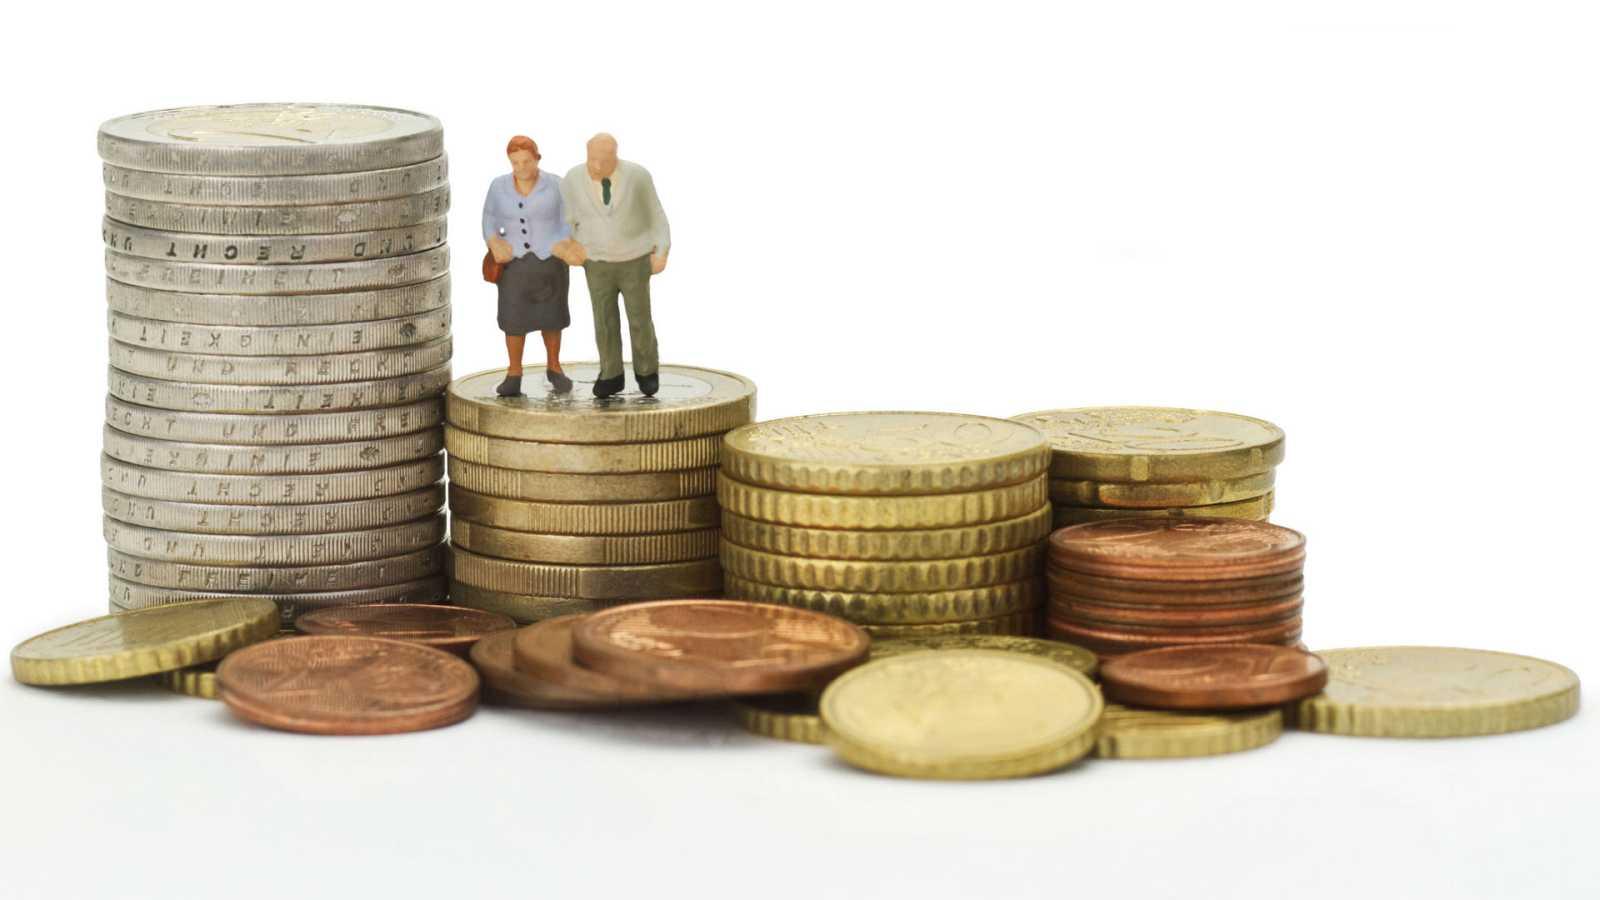 Cuaderno mayor - ¿Cuál debería ser el sueldo de los abuelos? - 24/09/20 - Escuchar ahora